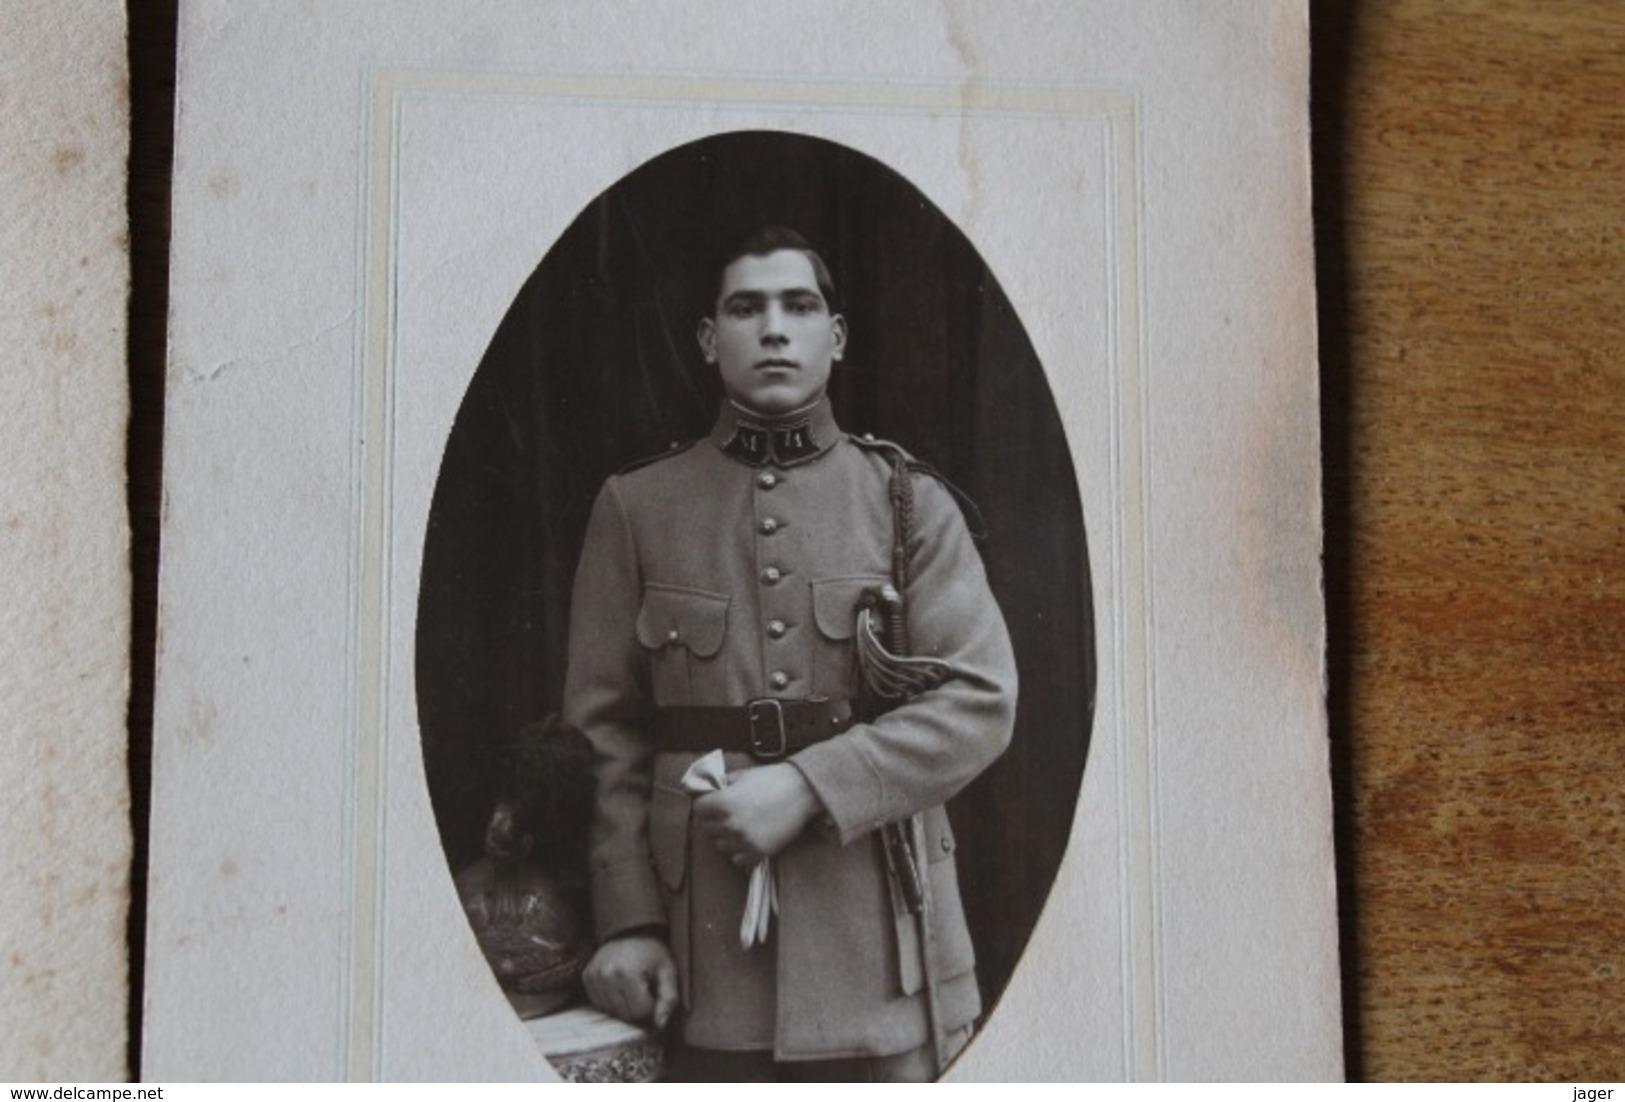 3 PHOTOS MILITAIRES CAVALERIE 1900 1920 - Guerra, Militares